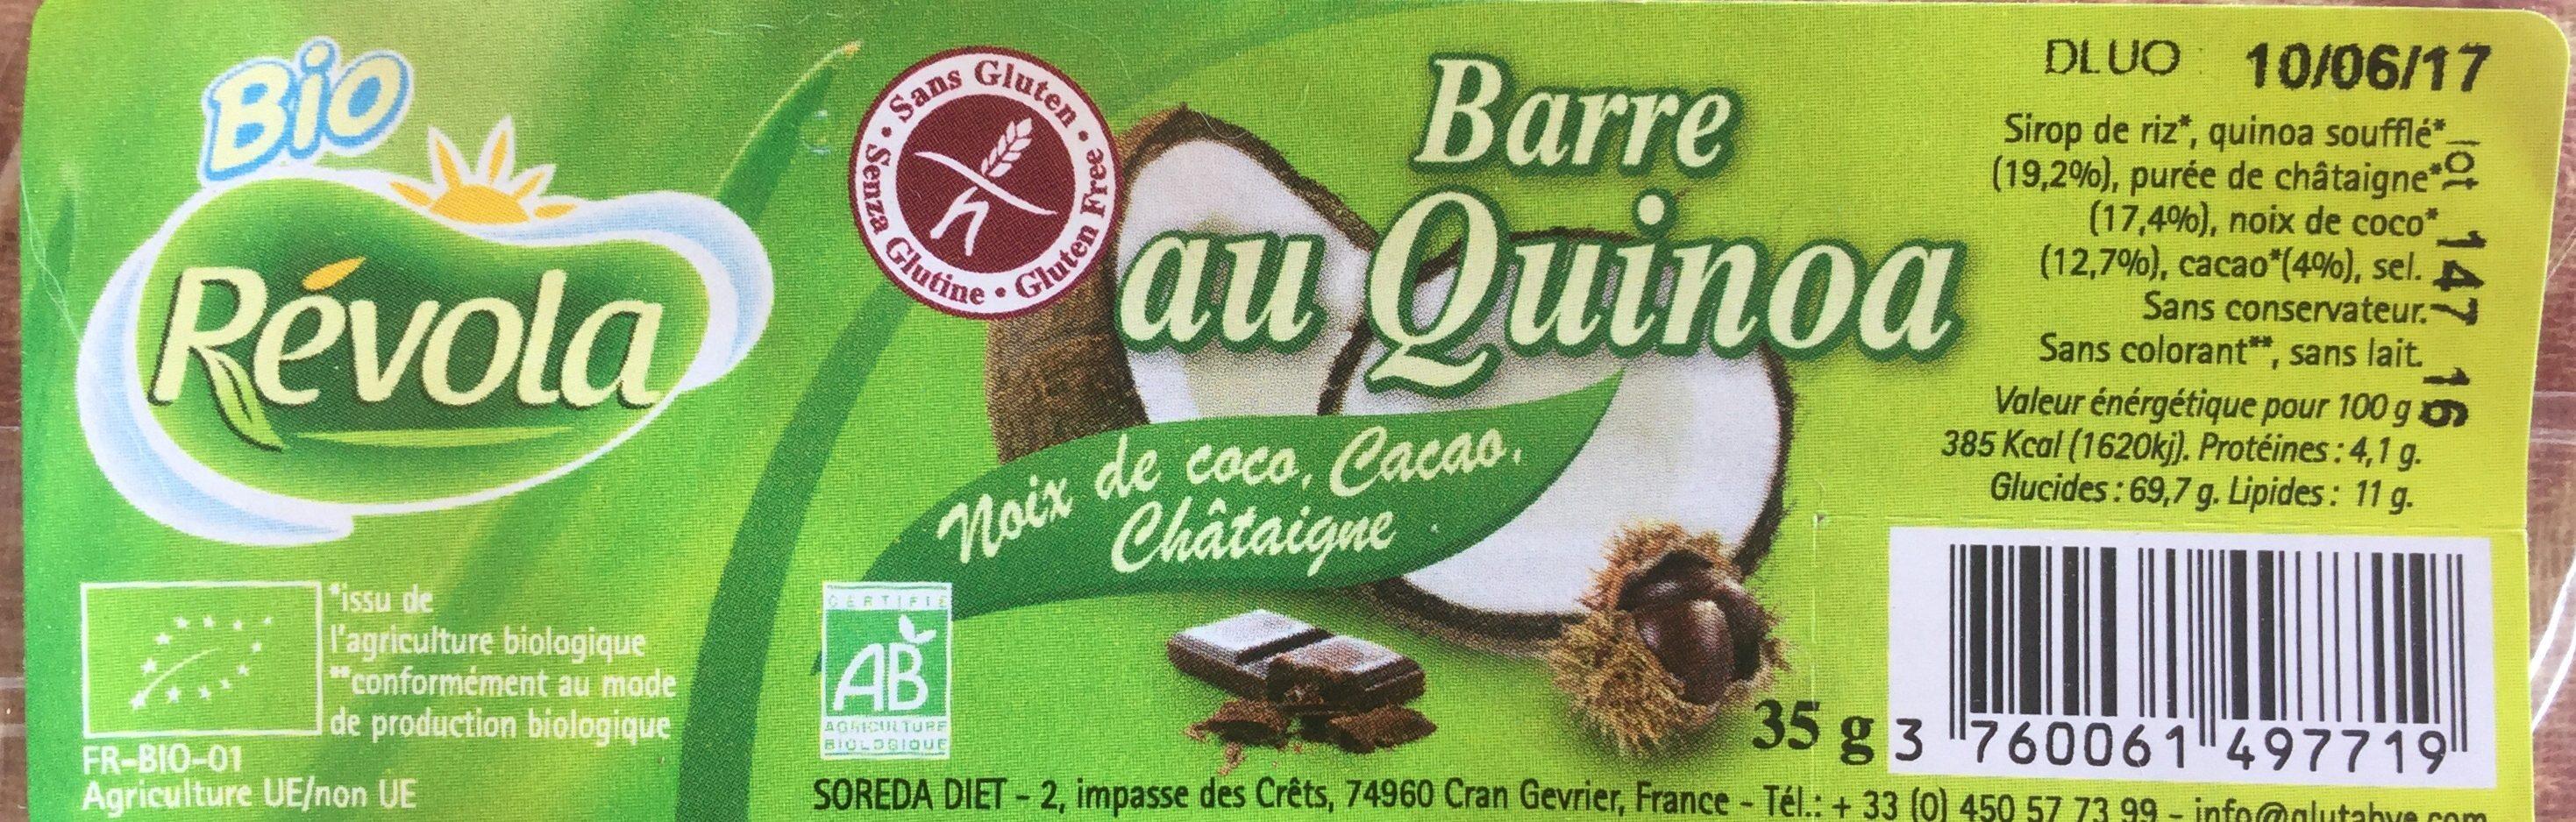 Barre au quinoa, noix de coco, cacao, châtaigne - Produit - fr